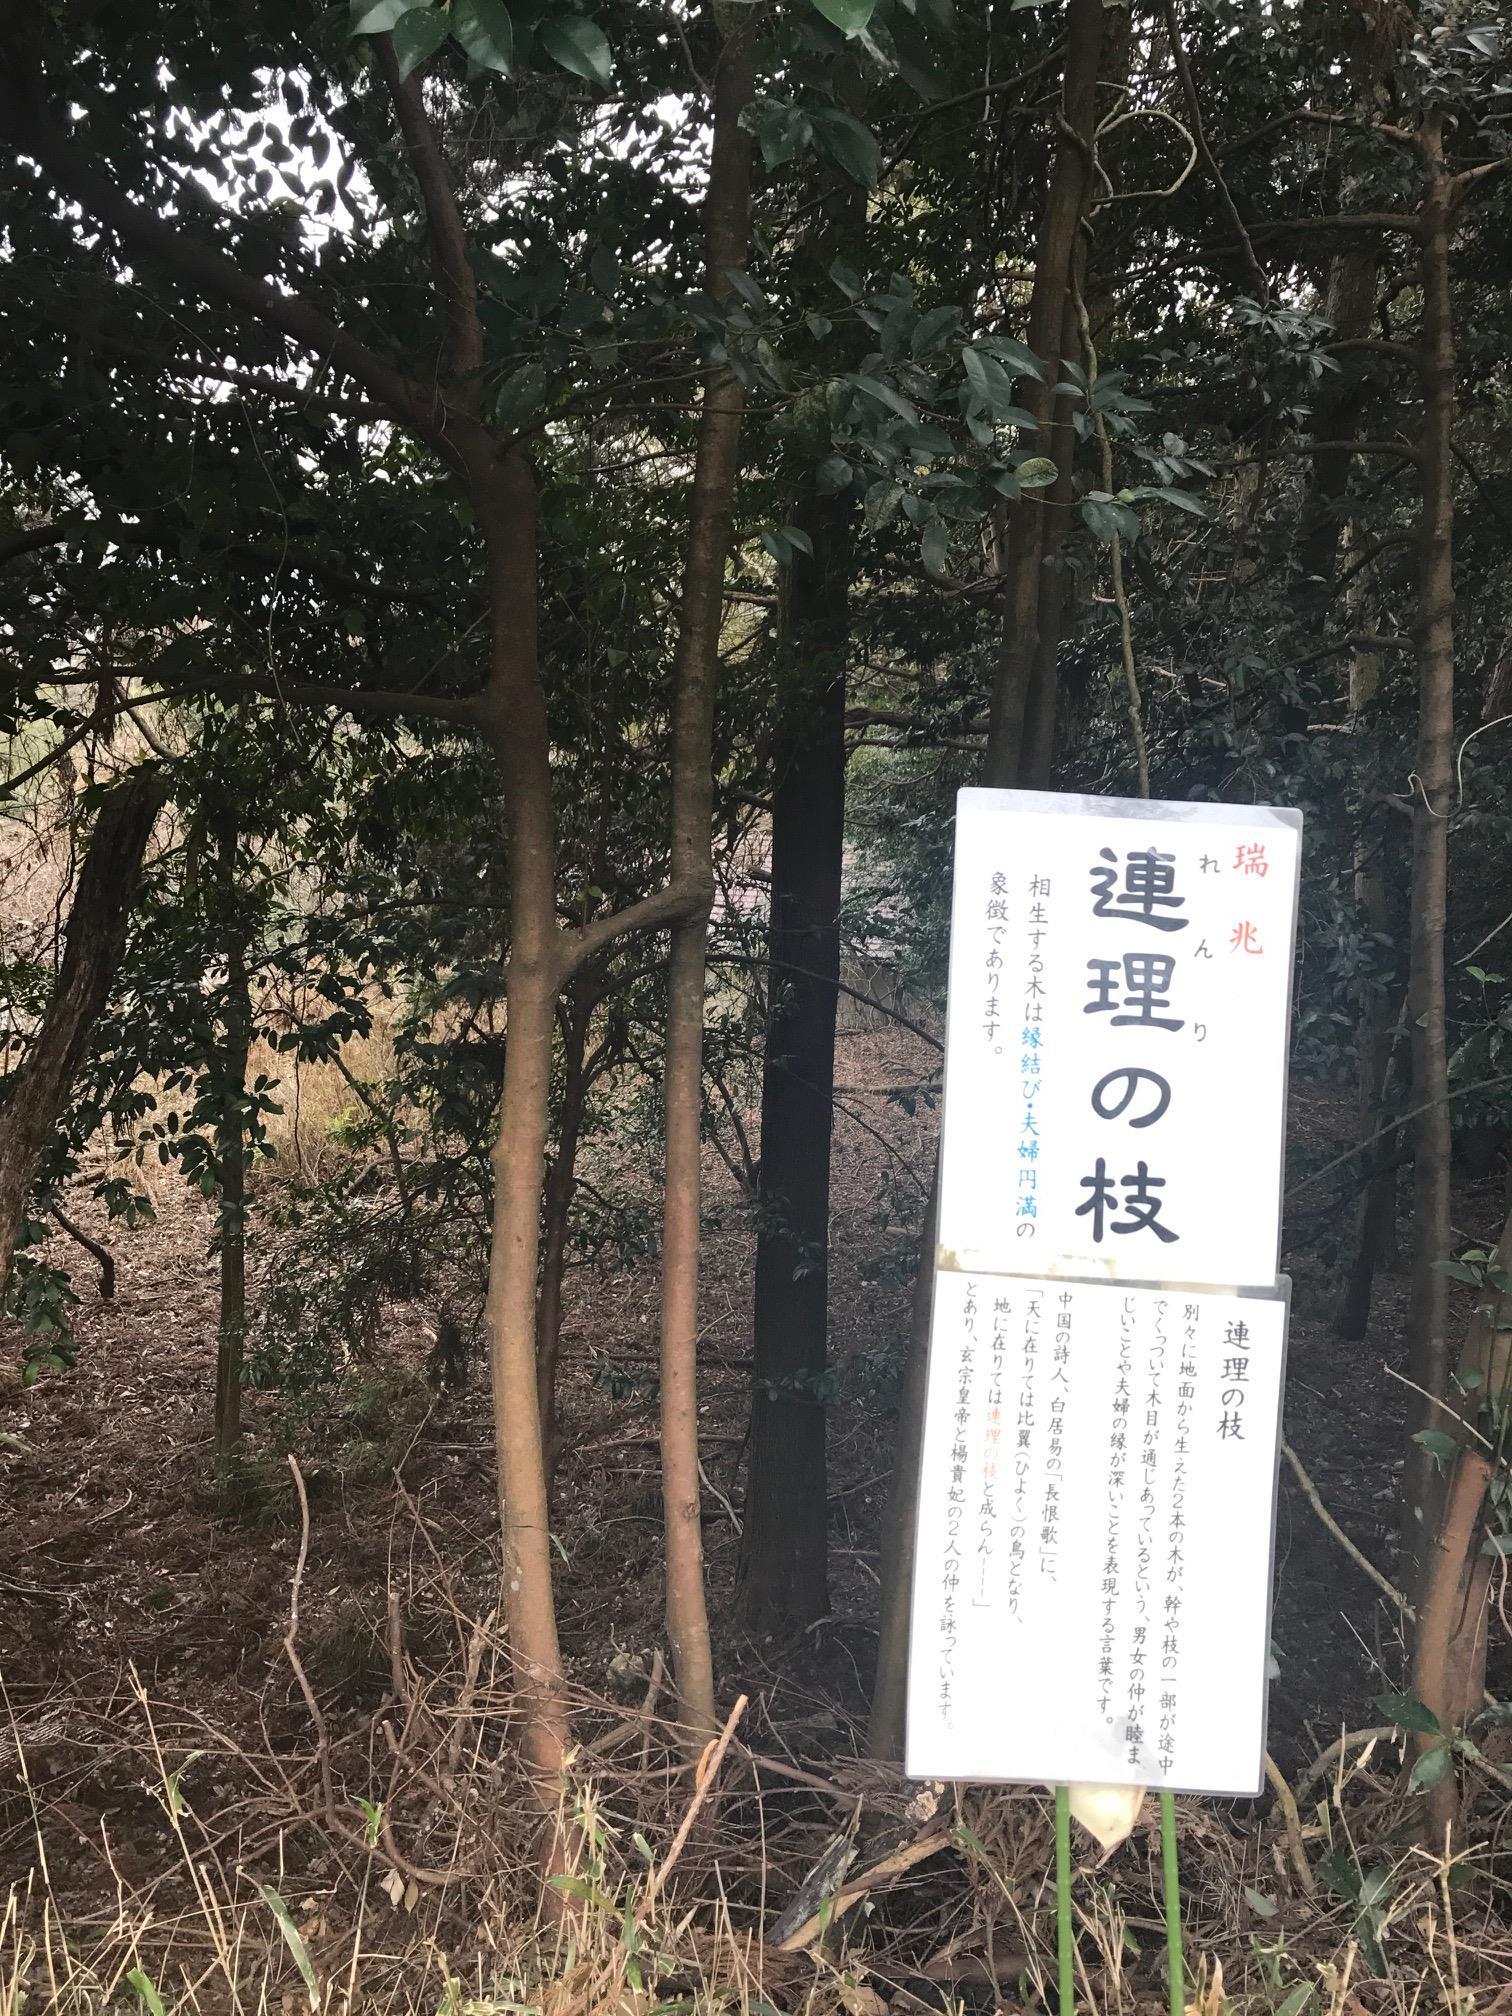 http://www.sagawa-artmuseum.or.jp/blog/IMG_1522.JPG